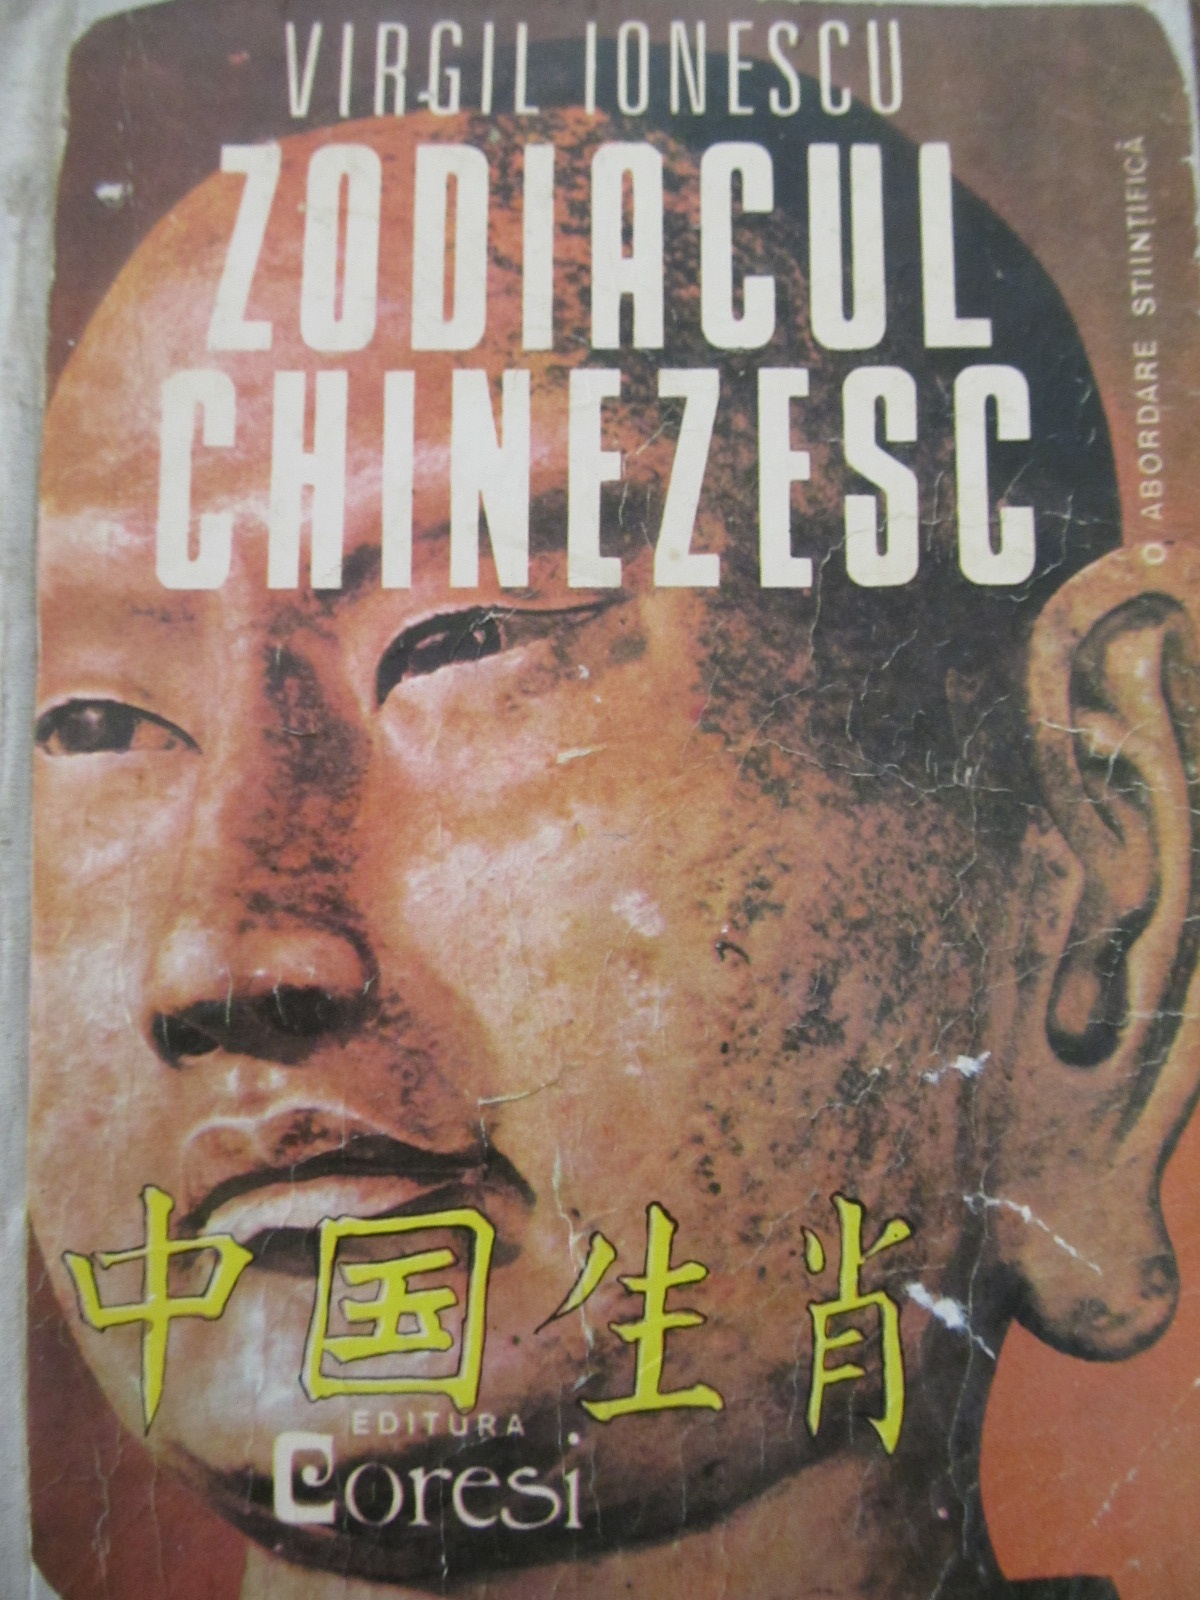 Zodiacul chinezesc - O abordare stiintifica (format mare) , 559 pag. [1] - Virgil Ionescu | Detalii carte